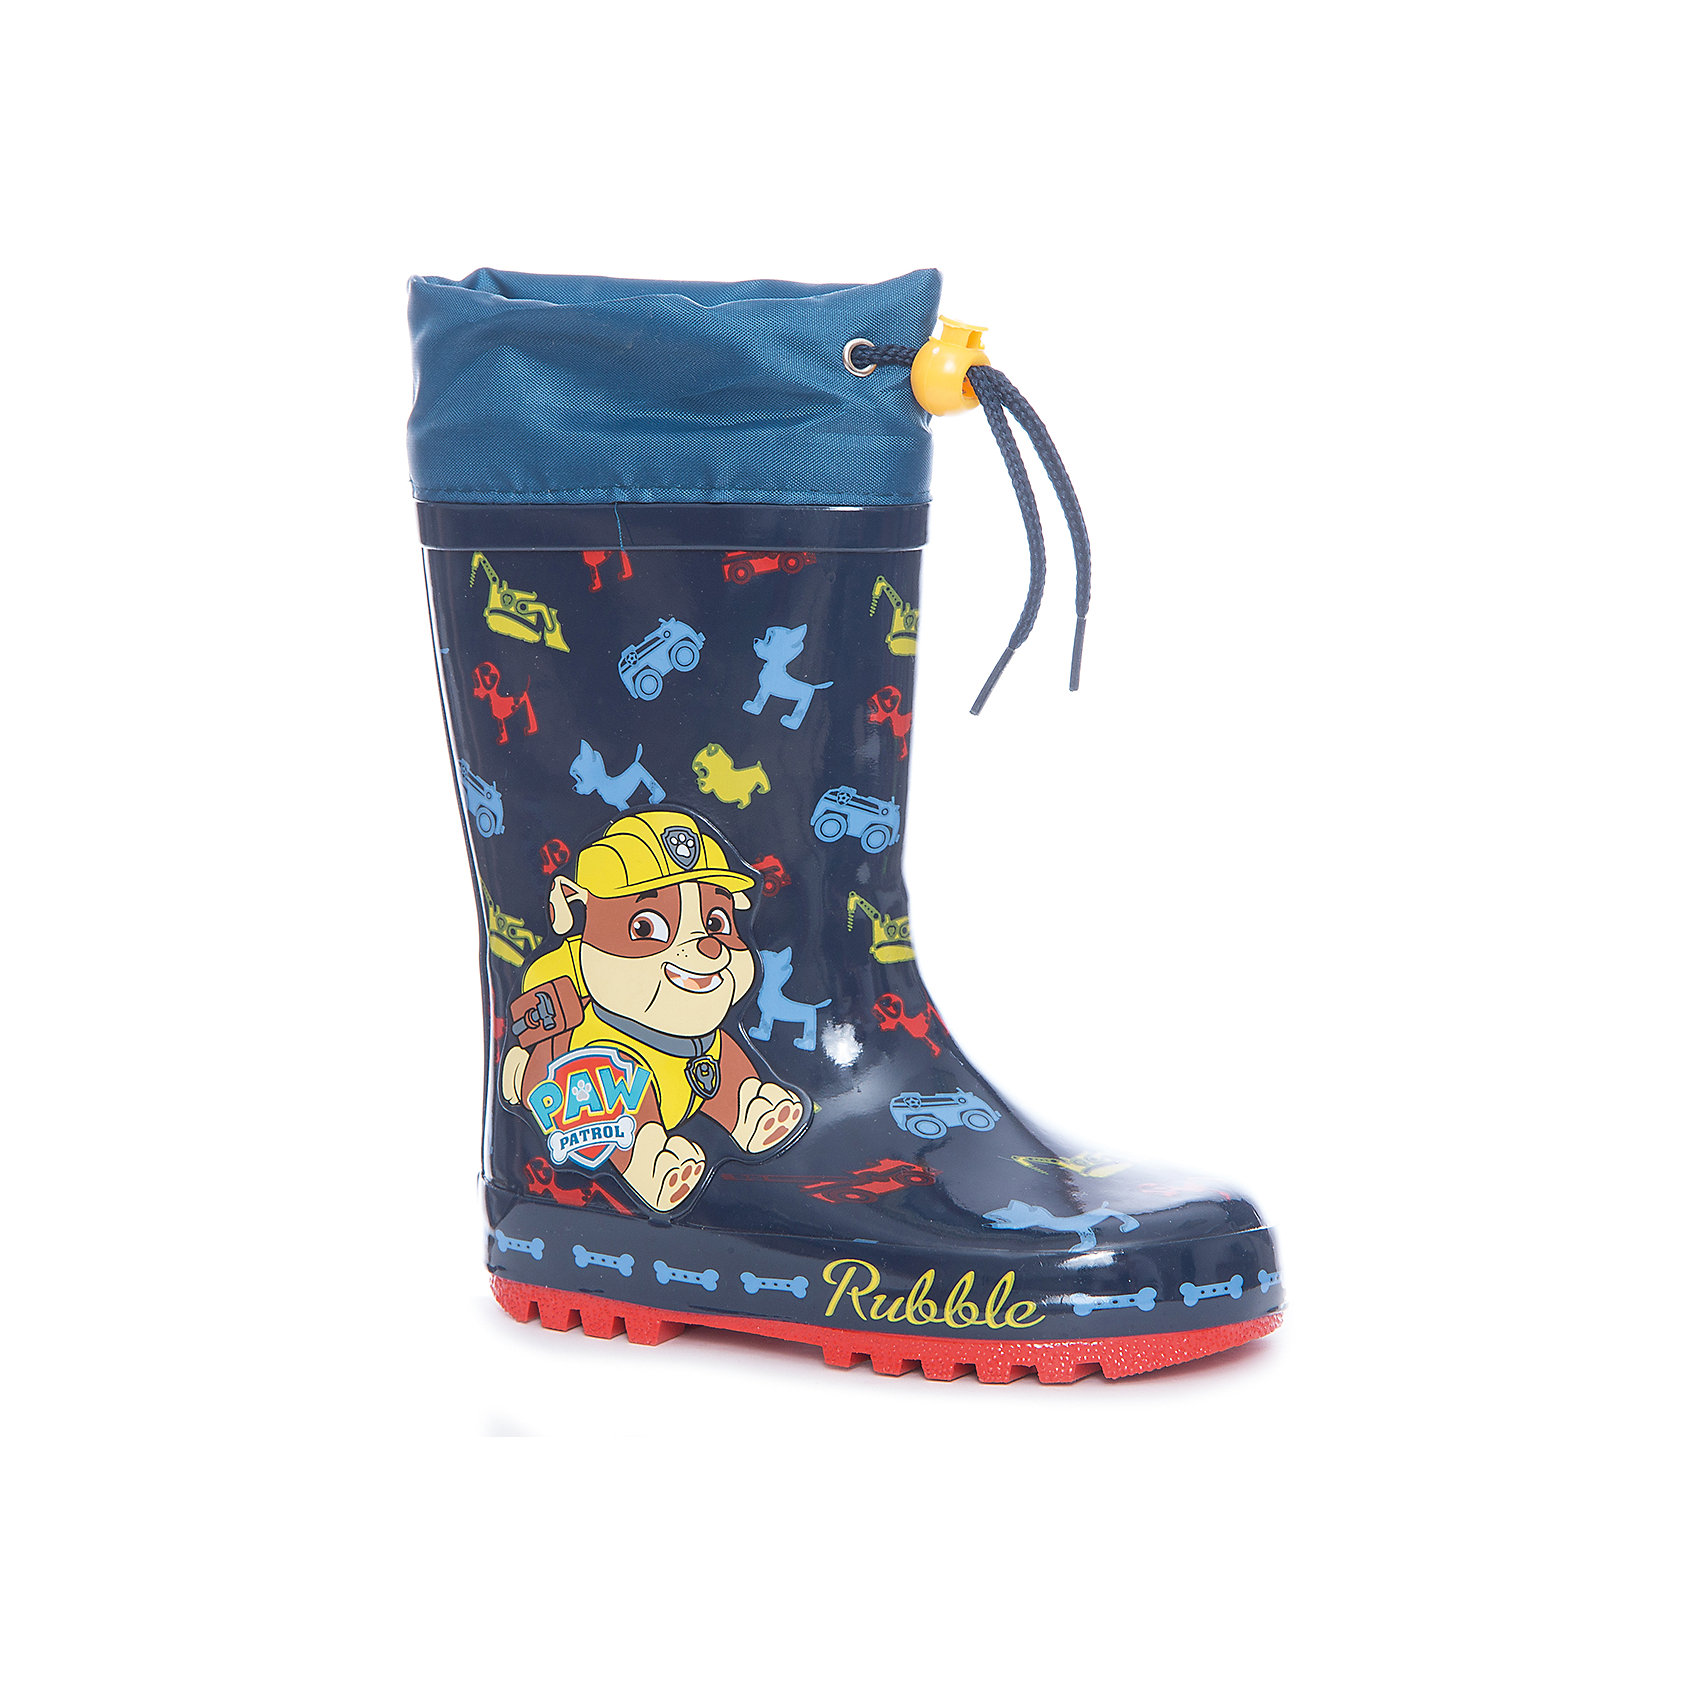 Резиновые сапоги утепленные для мальчика KAKADU, синиеРезиновые сапоги<br>Характеристики товара:<br><br>• цвет: синий<br>• принт: щенячий патруль<br>• внешний материал обуви: резина<br>• внутренний материал: текстиль, байка<br>• стелька: байка<br>• подошва: рефленая<br>• вид обуви: непромокаемая<br>• тип застежки: на липучке<br>• сезон: весна-осень<br>• температурный режимот +5°до +15°С<br>• страна бренда: Россия<br>• страна изготовитель: Китай<br><br>Резиновые сапоги утепленные для мальчика KAKADU можно купить в нашем интернет-магазине.<br><br>Ширина мм: 257<br>Глубина мм: 180<br>Высота мм: 130<br>Вес г: 420<br>Цвет: синий<br>Возраст от месяцев: 18<br>Возраст до месяцев: 21<br>Пол: Мужской<br>Возраст: Детский<br>Размер: 23,28,27,26,24,25<br>SKU: 5386440